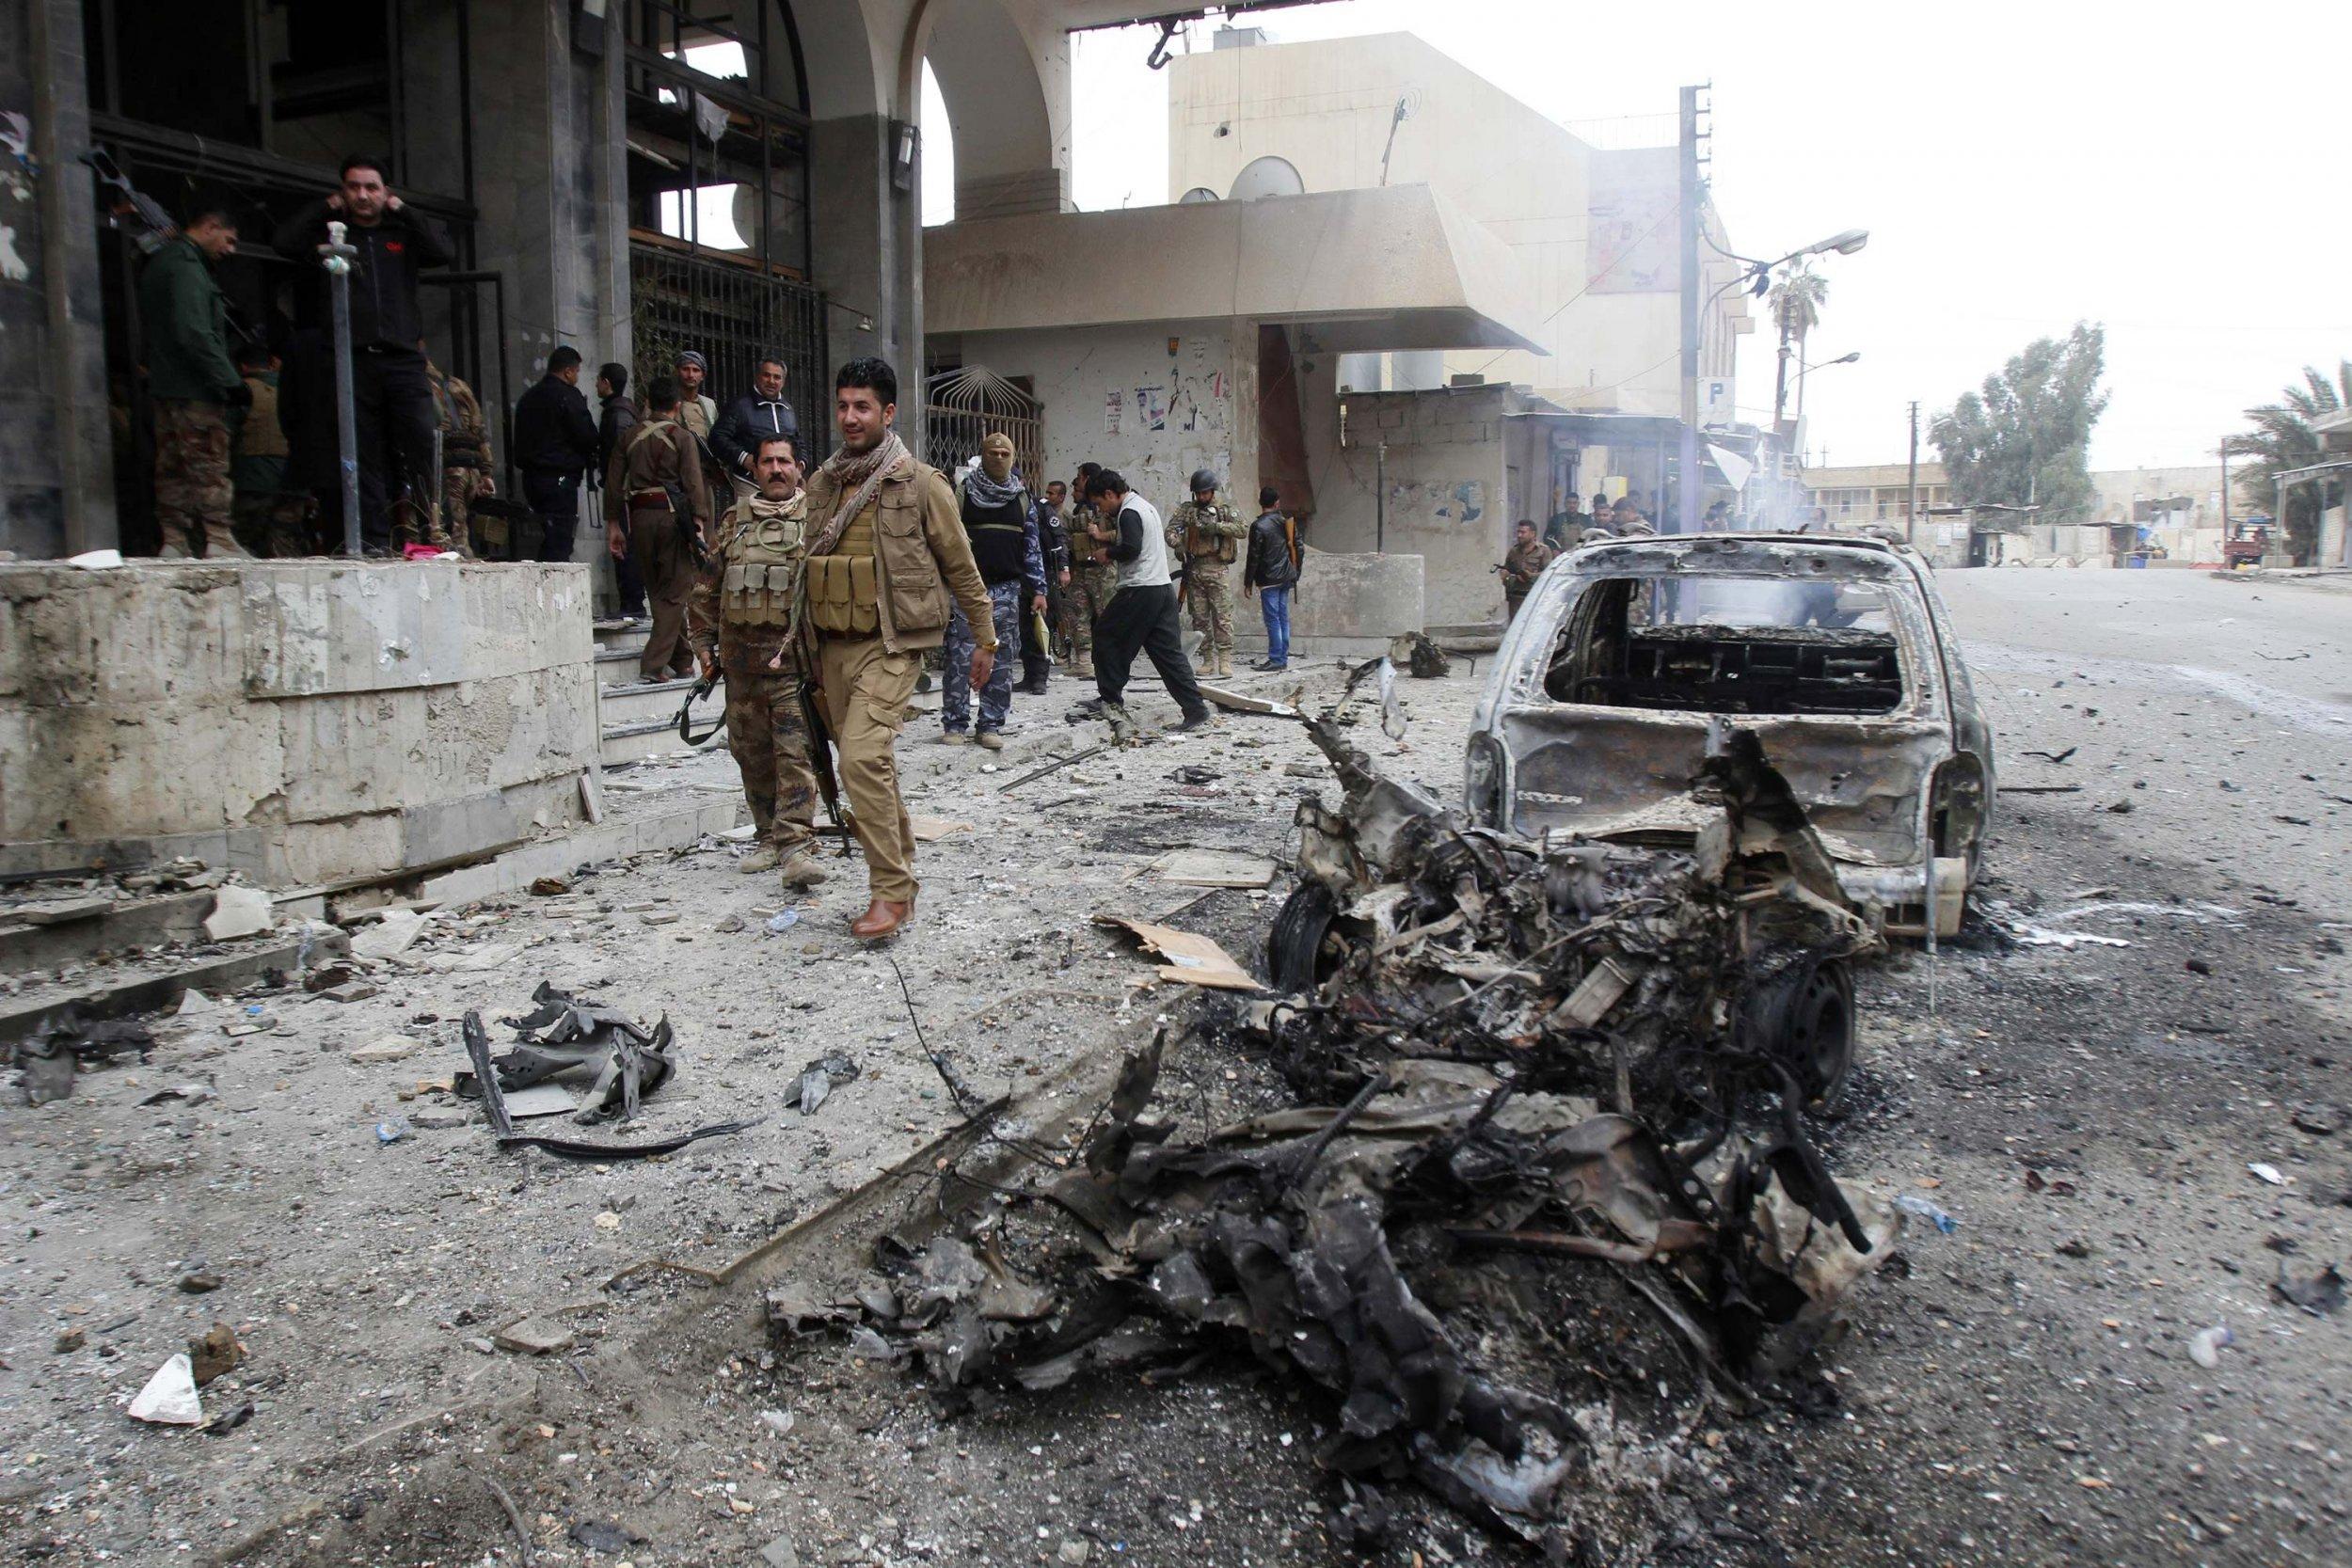 2015-01-30T125039Z_1529398770_GM1EB1U1LRO02_RTRMADP_3_MIDEAST-CRISIS-IRAQ-VIOLENCE